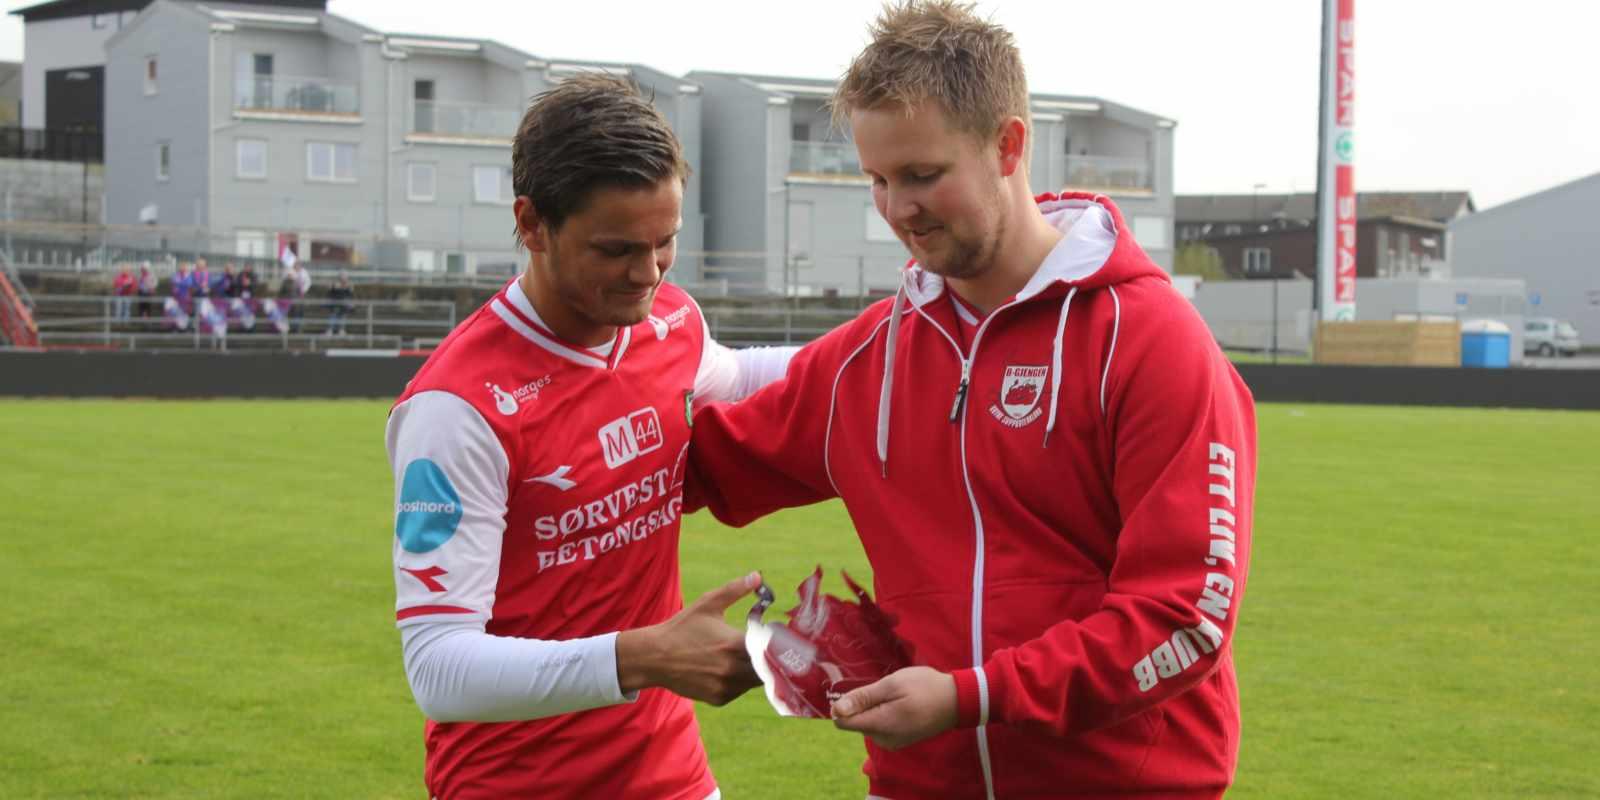 Morten Seland overrekker trofeet til Robert Undheim som ble stemt frem til Årets spiller hos B-gjengen for 2017 sesongen.